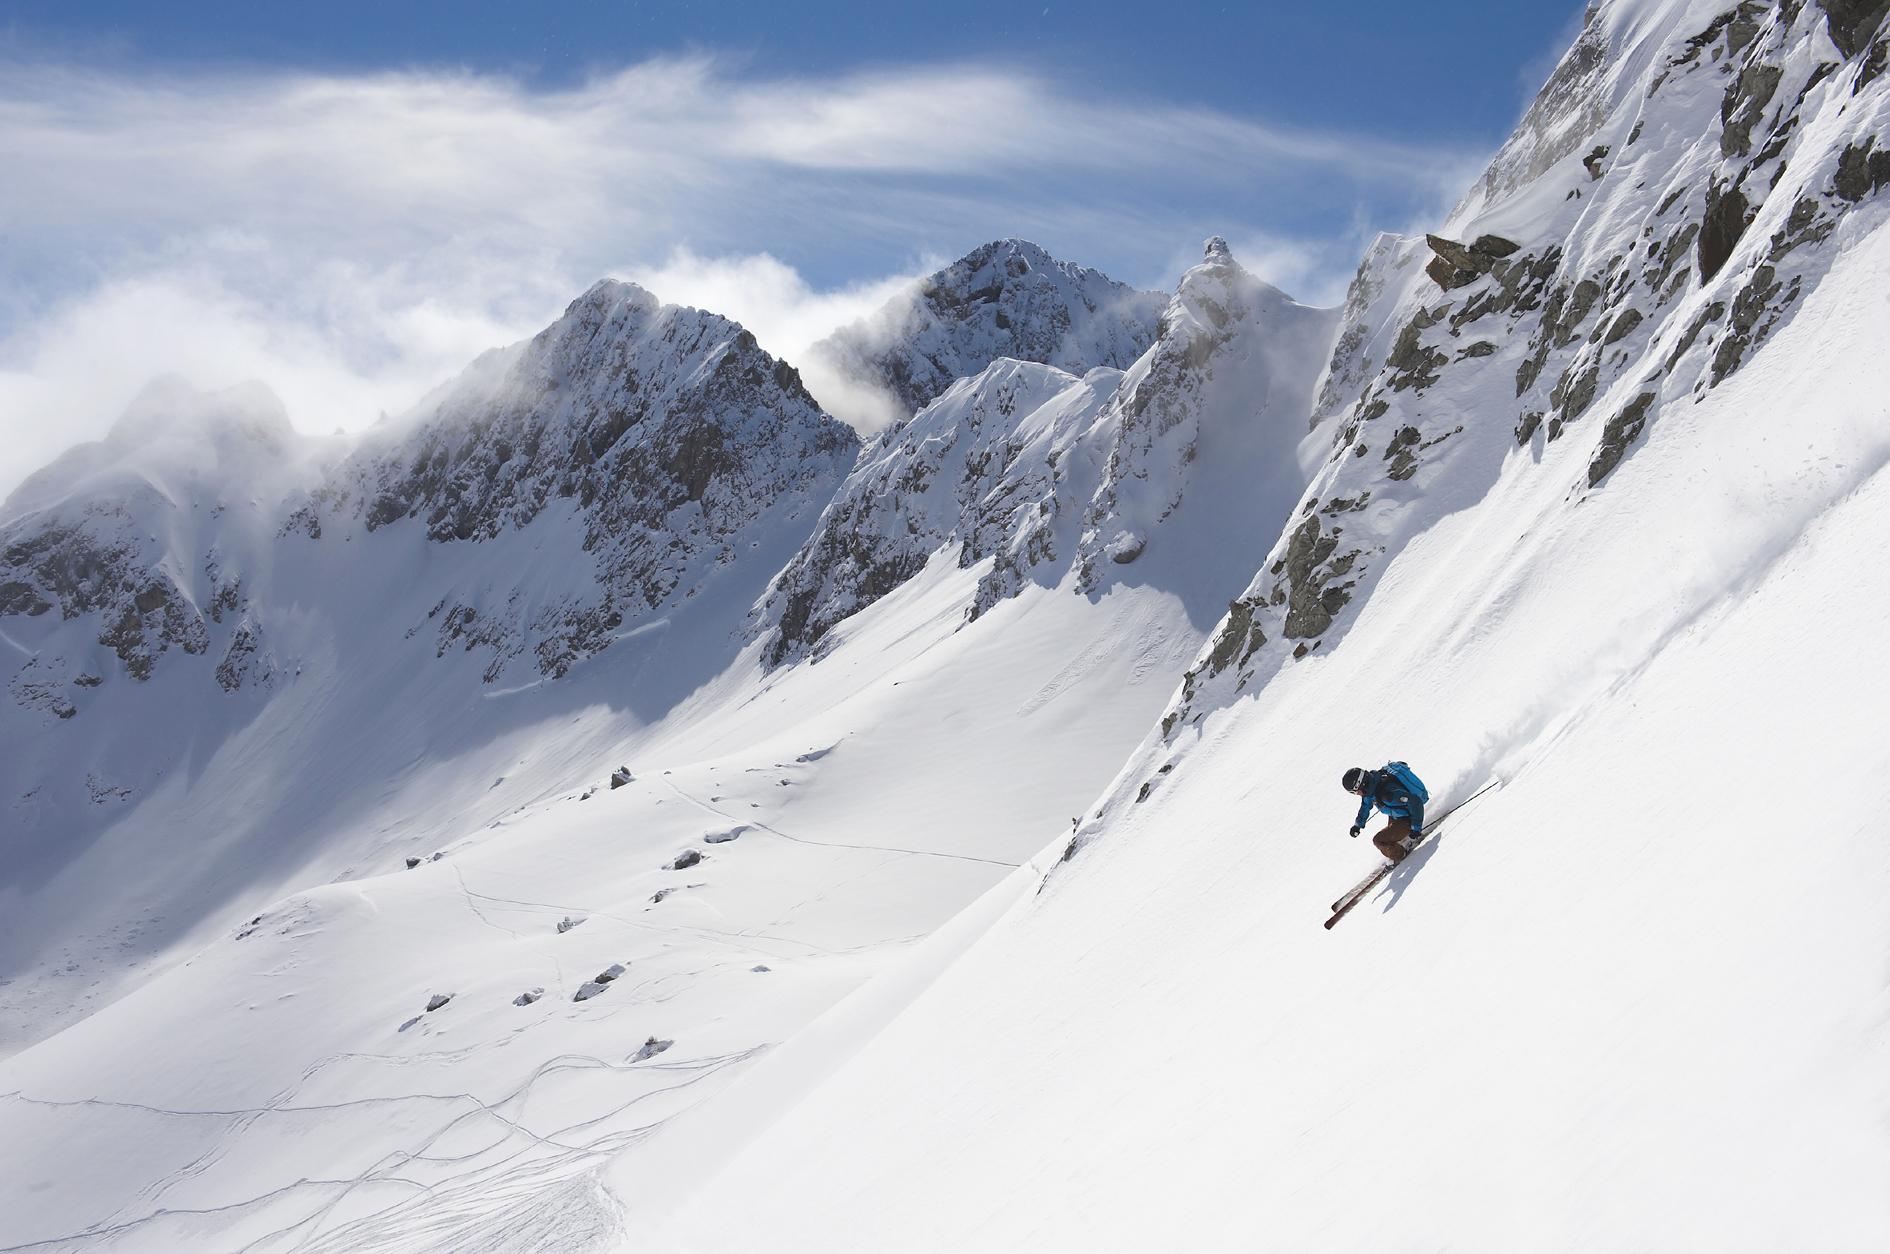 Skifahrer im Powderschnee